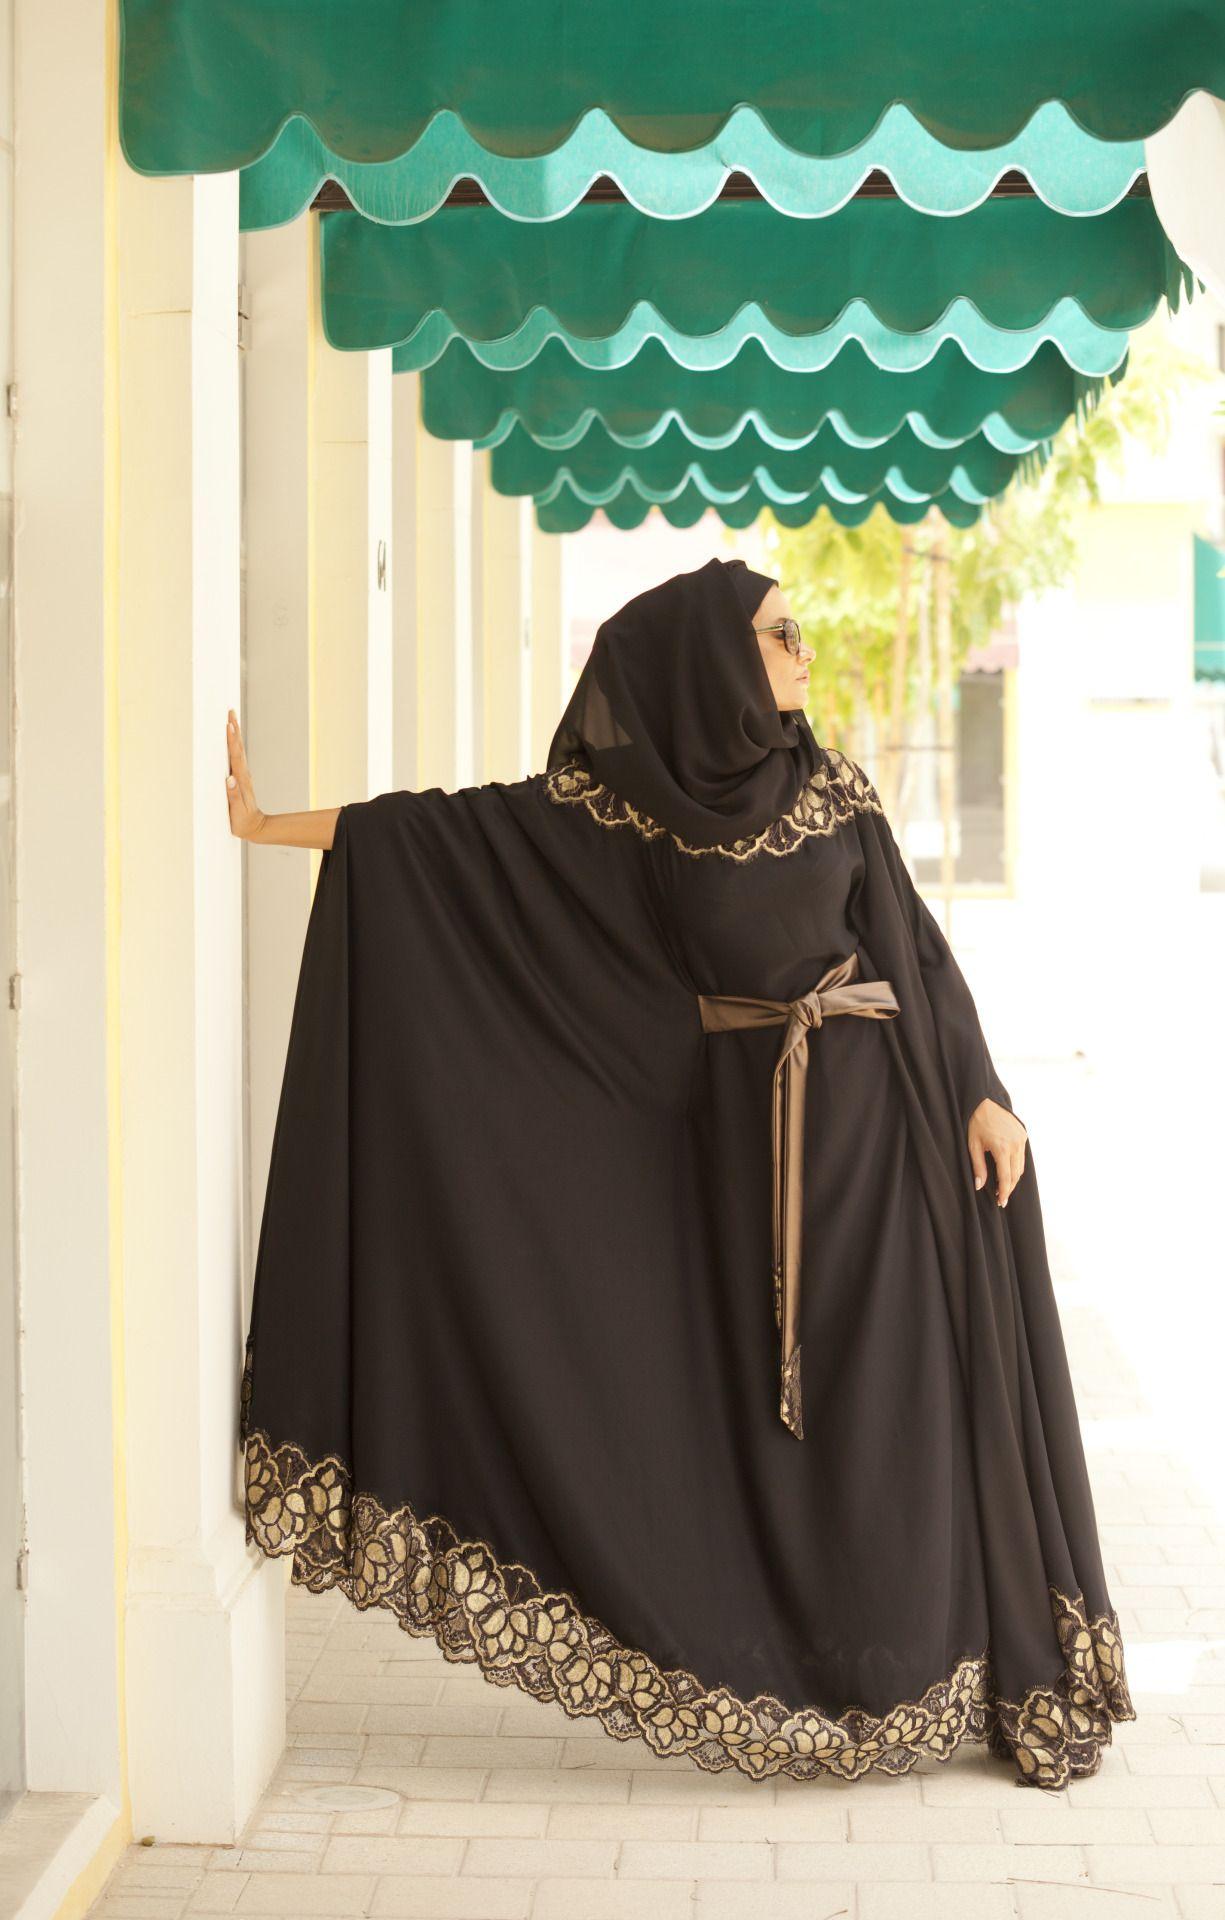 Lace umbrella abaya  almotahajiba Abaya from Al Motahajiba Autumn Collection